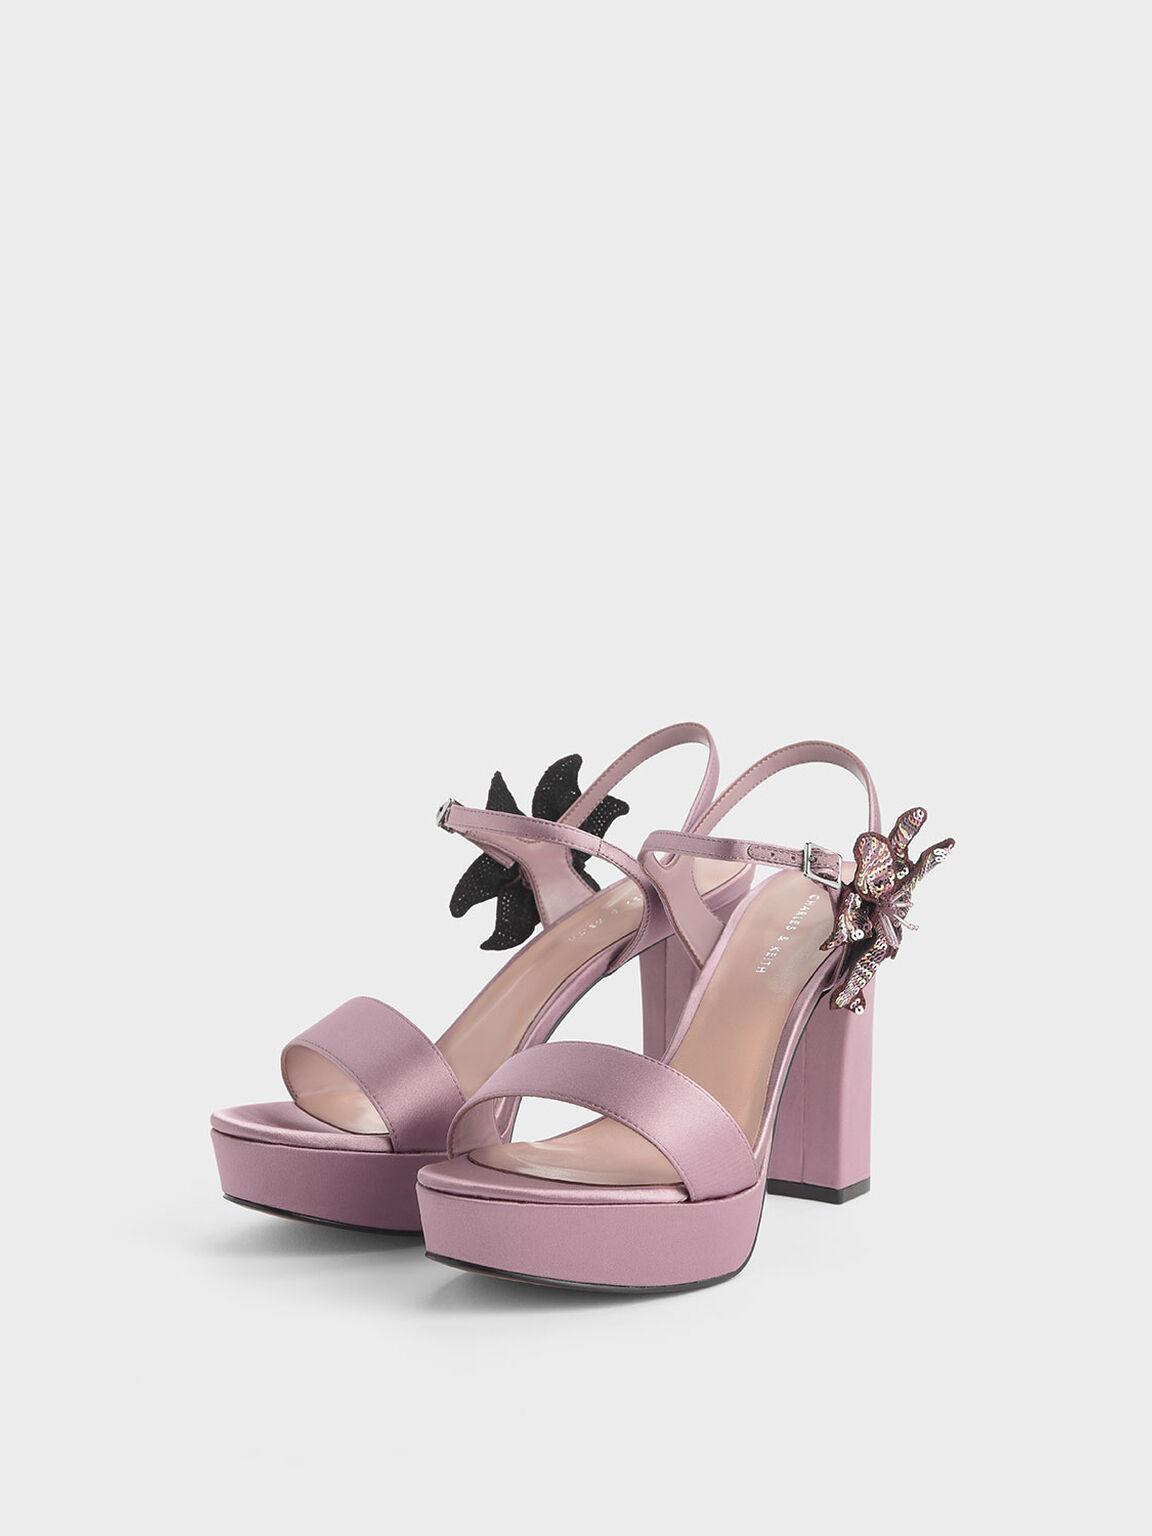 Sequin Flower Satin Chunky Platform Heels, Pink, hi-res